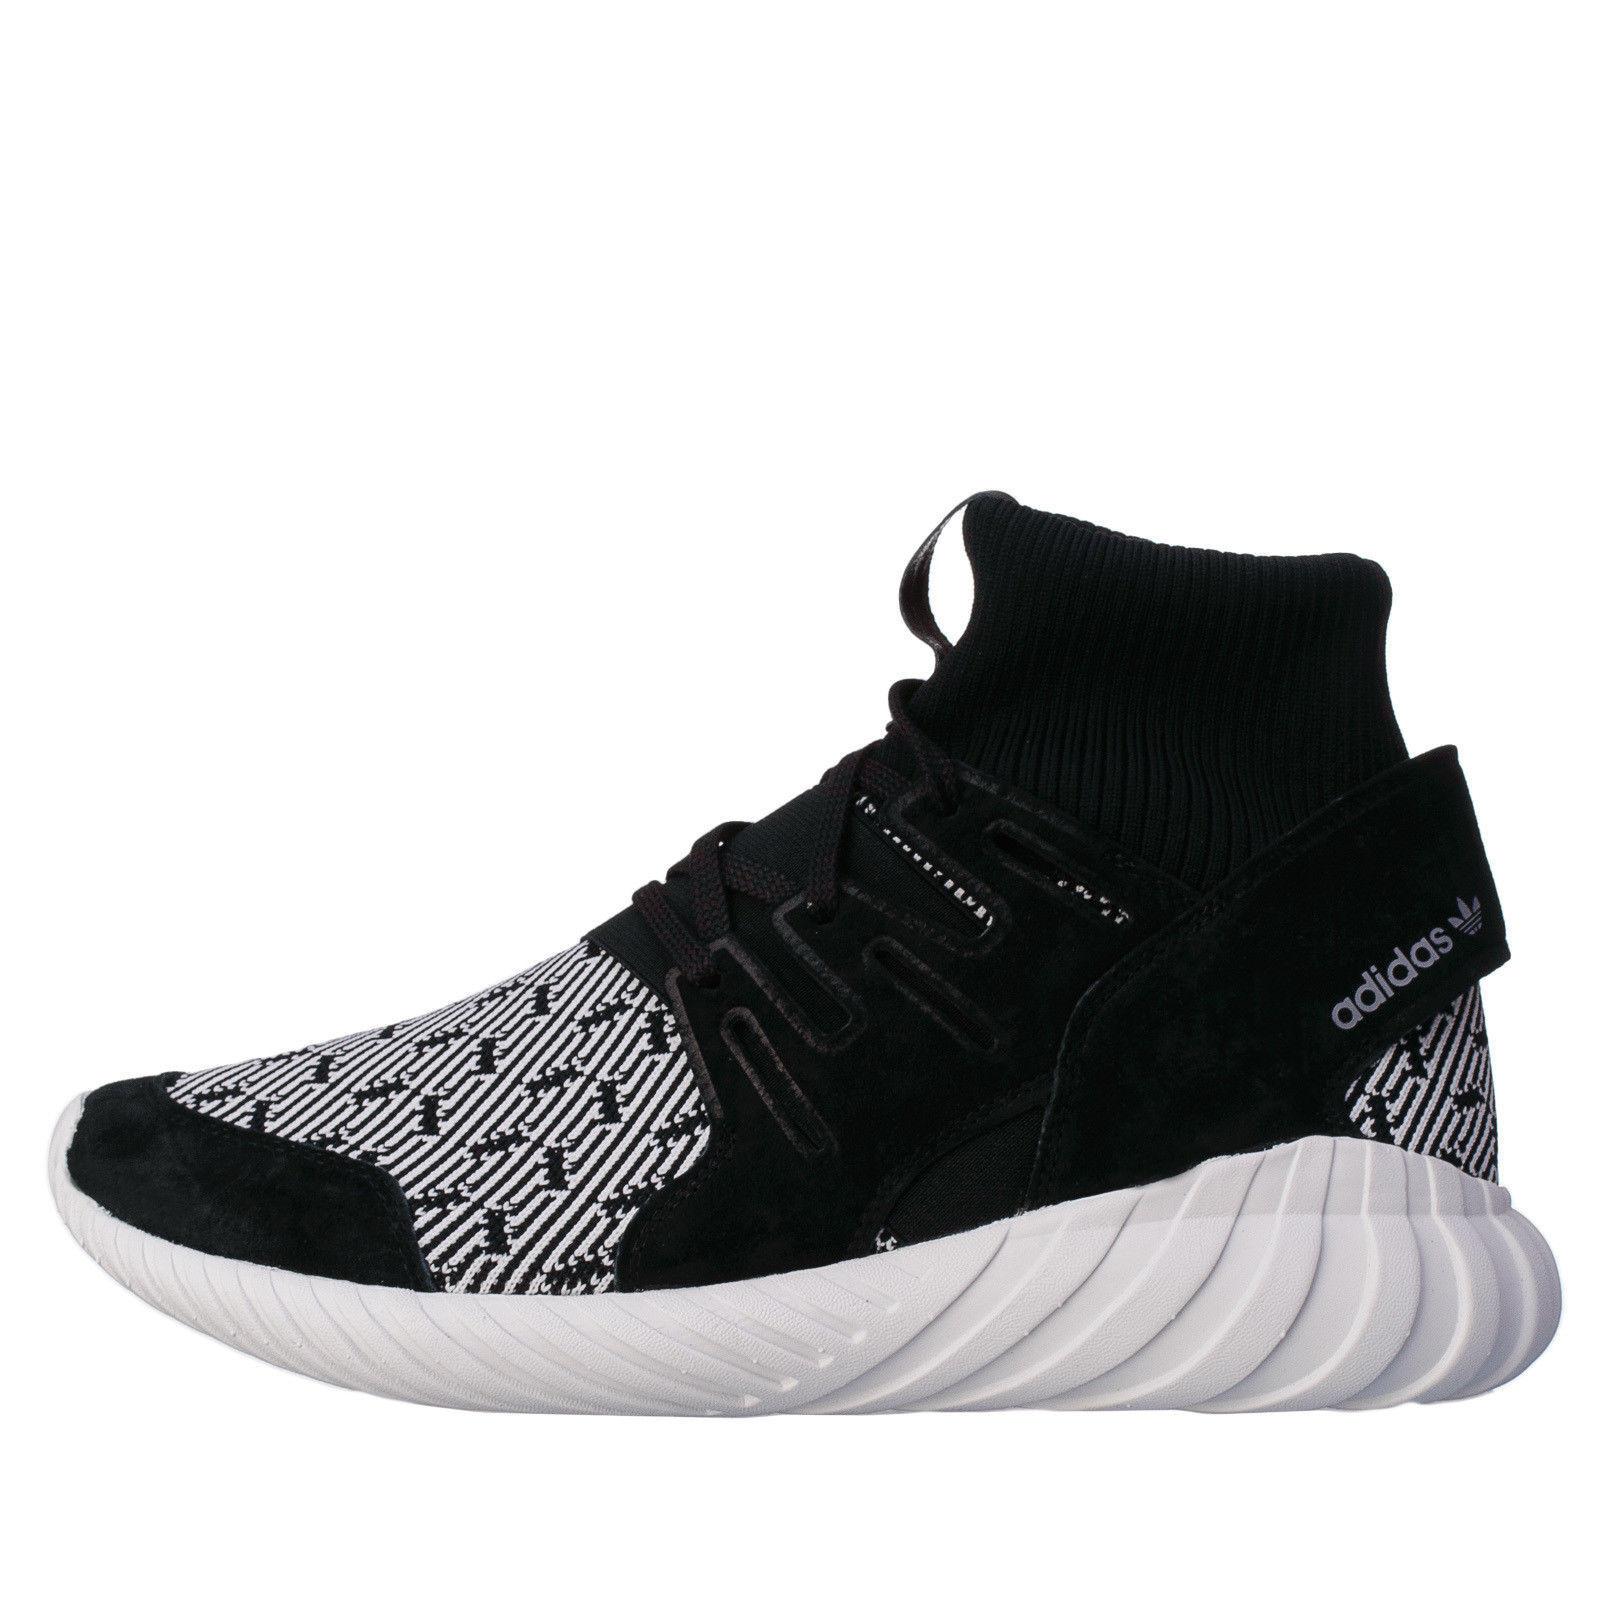 Pennino adidas doom Uomo 11 tubulare primeknit s80096 stile casual doom adidas pk scarpe 160 1bcf54